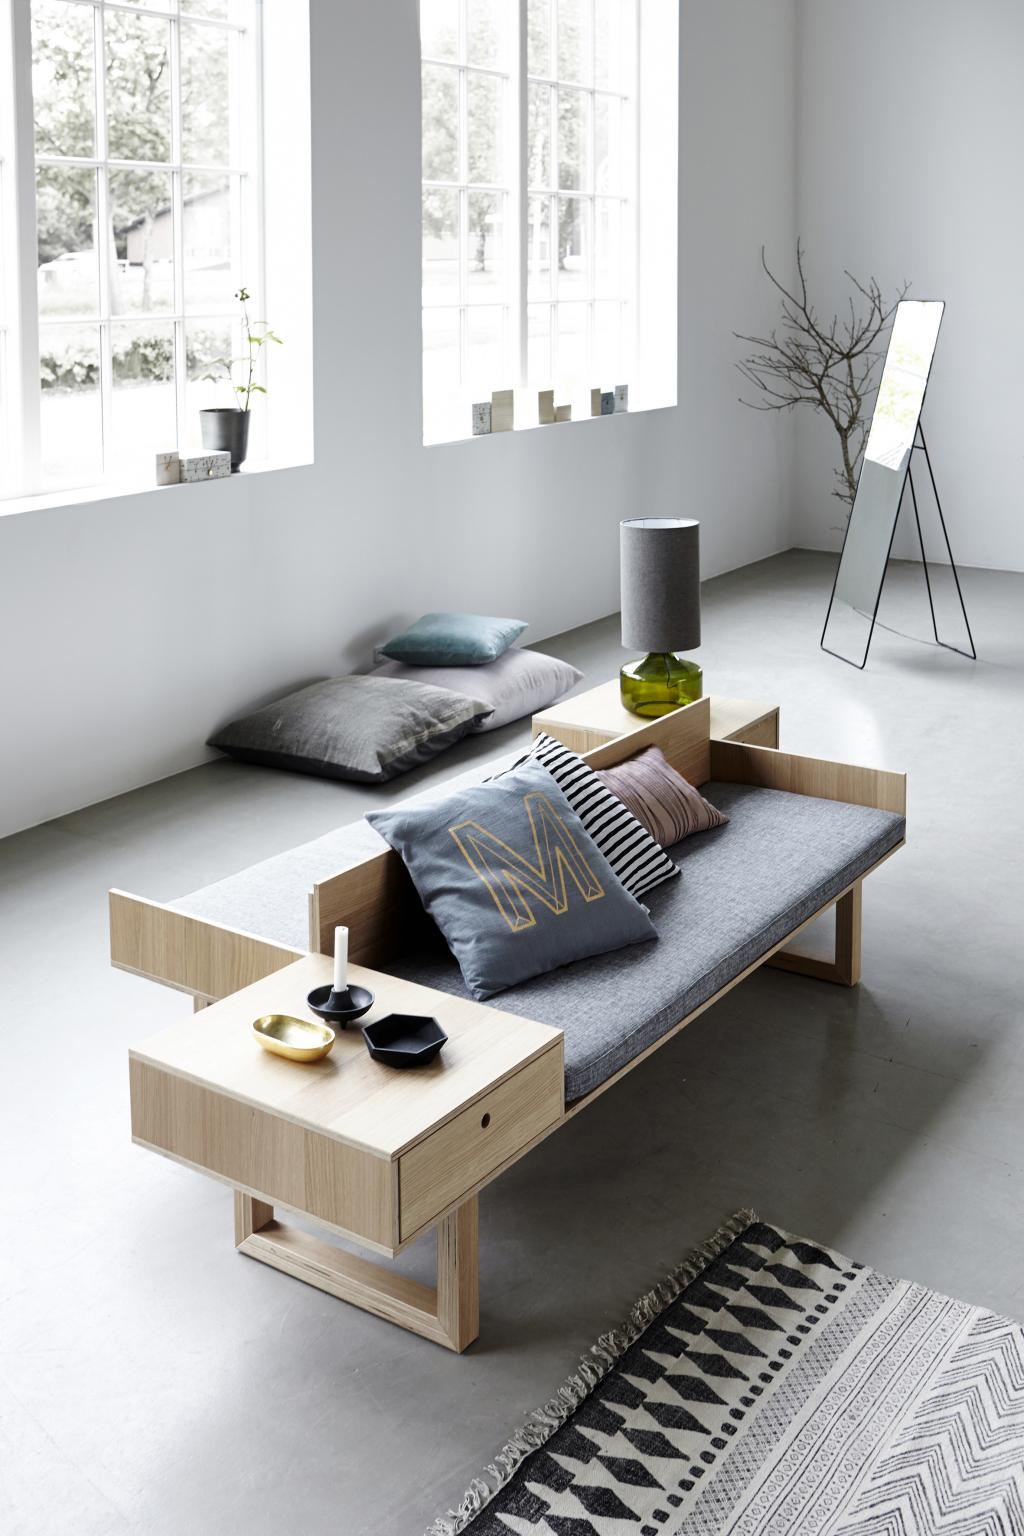 Vloerkleed Bauhaus Scandinavisch